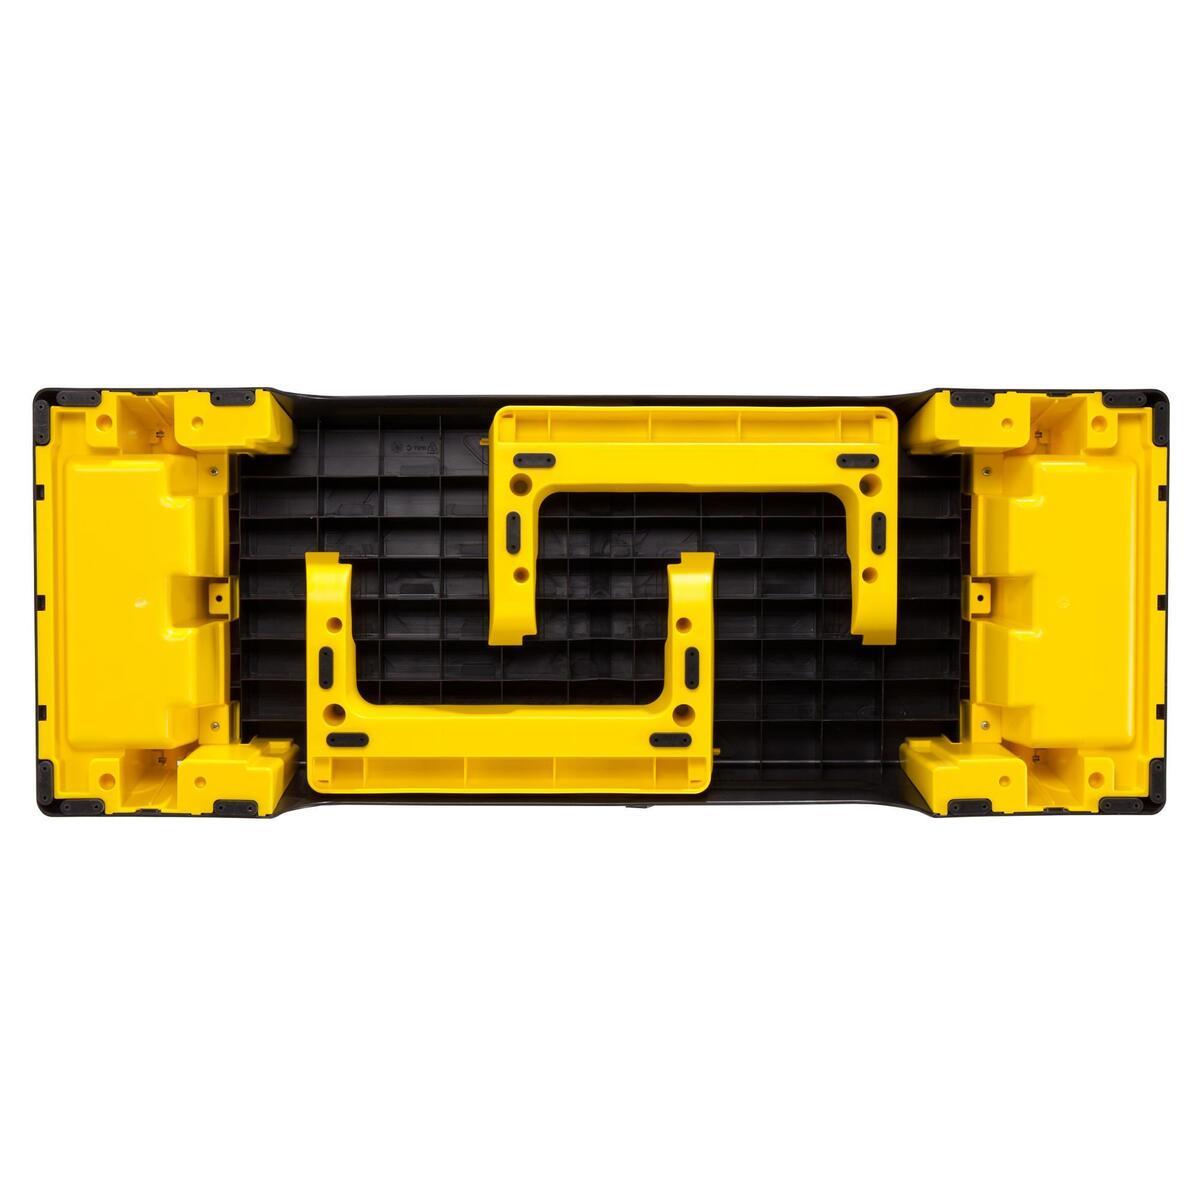 Bild 5 von Stepbank Komfort schwarz/gelb